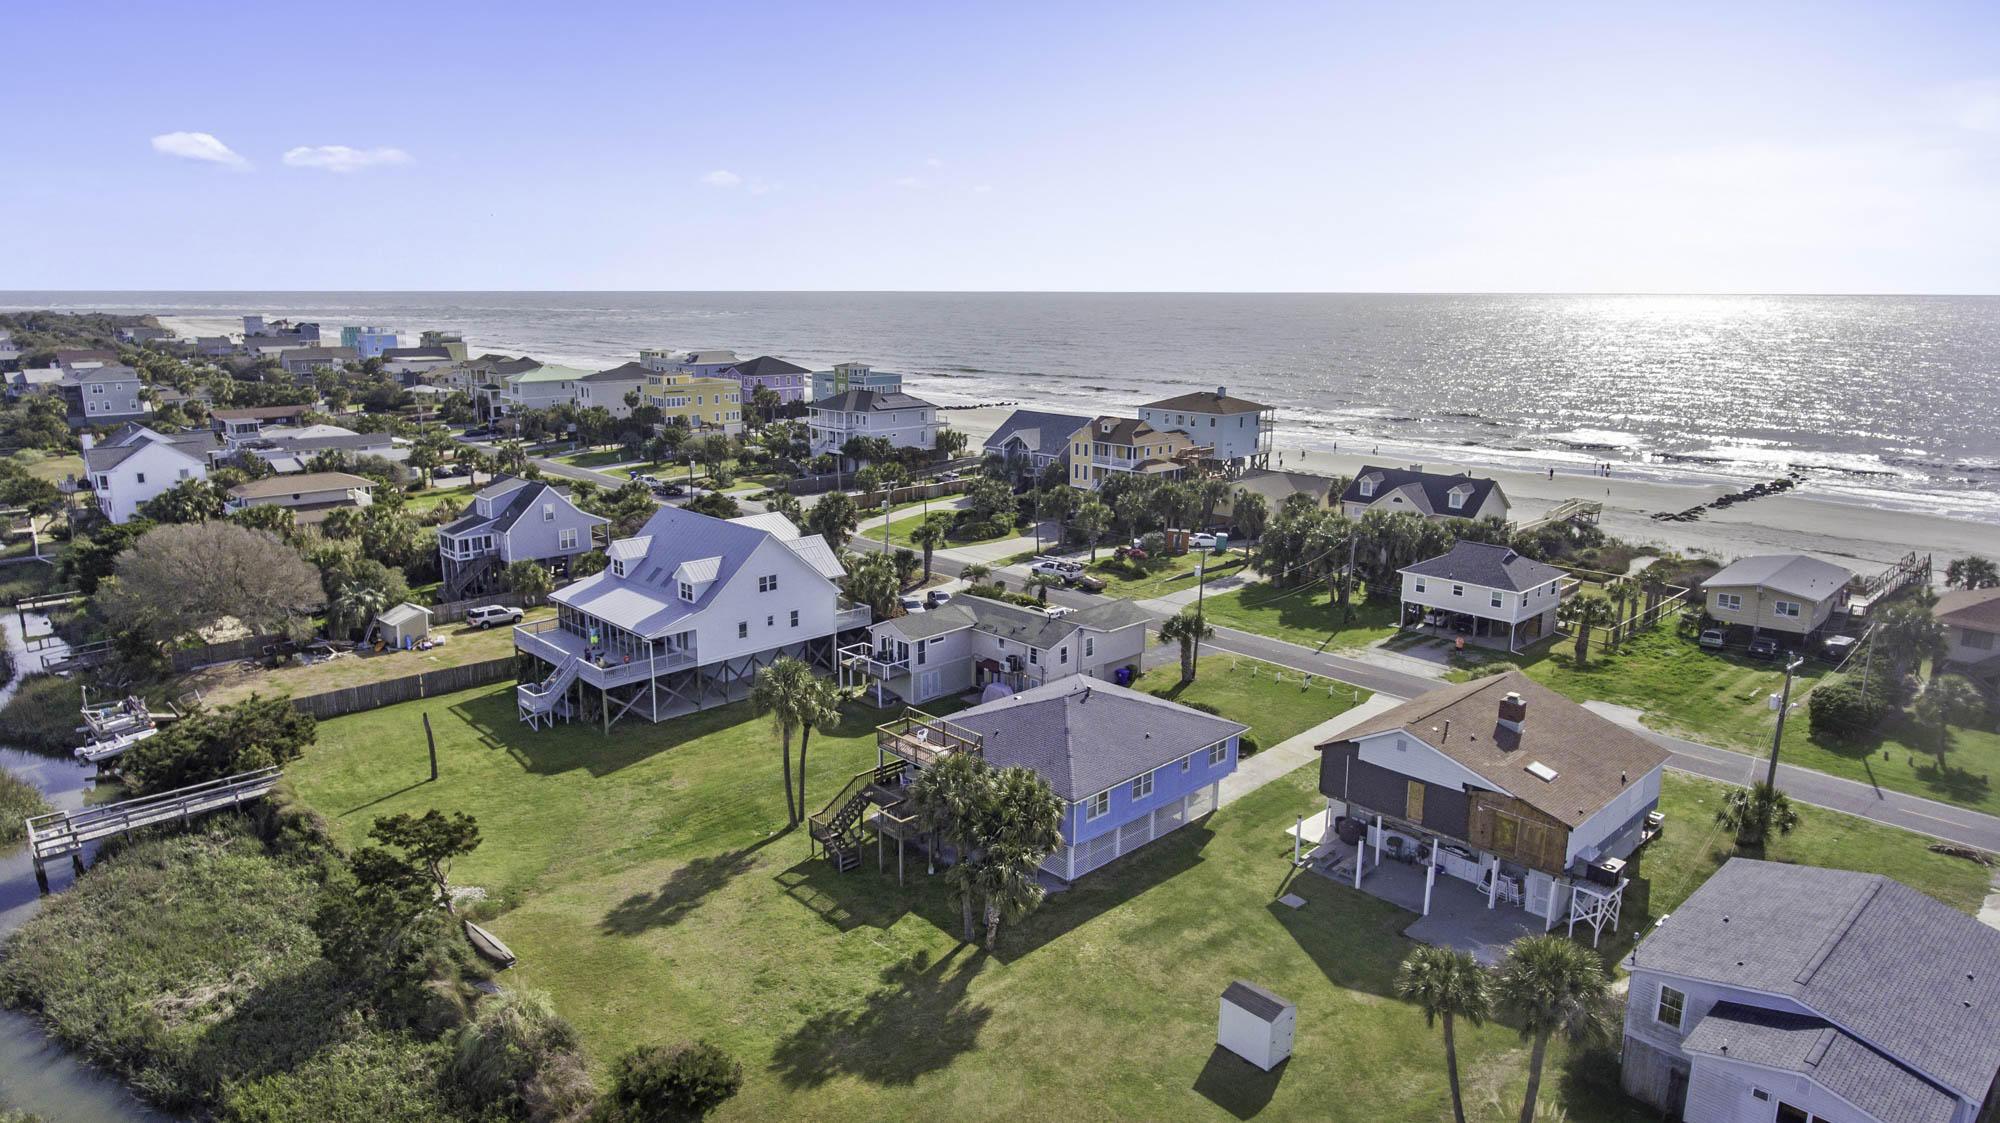 E Folly Bch Shores Homes For Sale - 1662 Ashley, Folly Beach, SC - 26